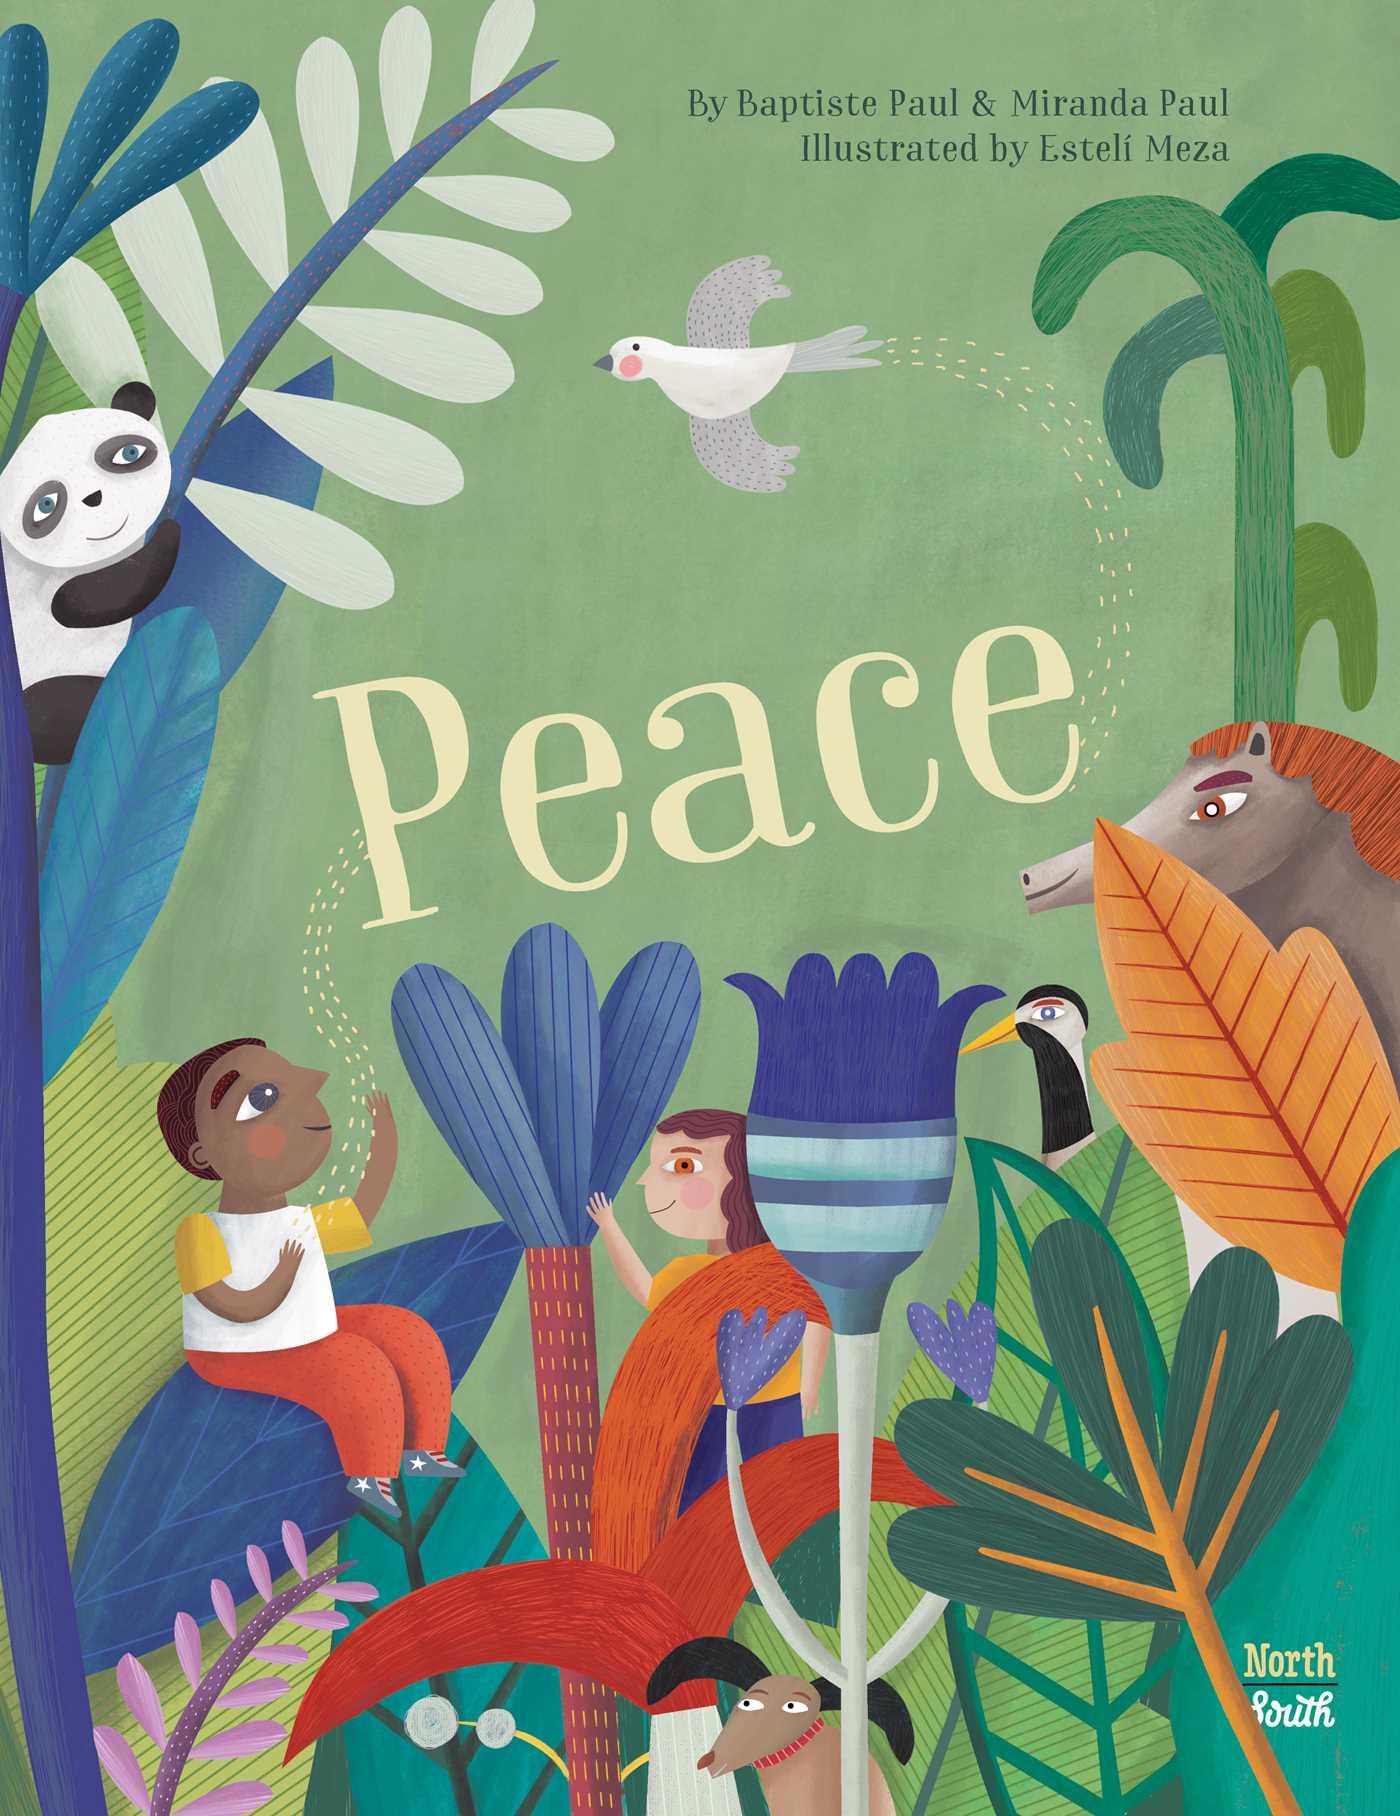 Peace by Baptiste Paul